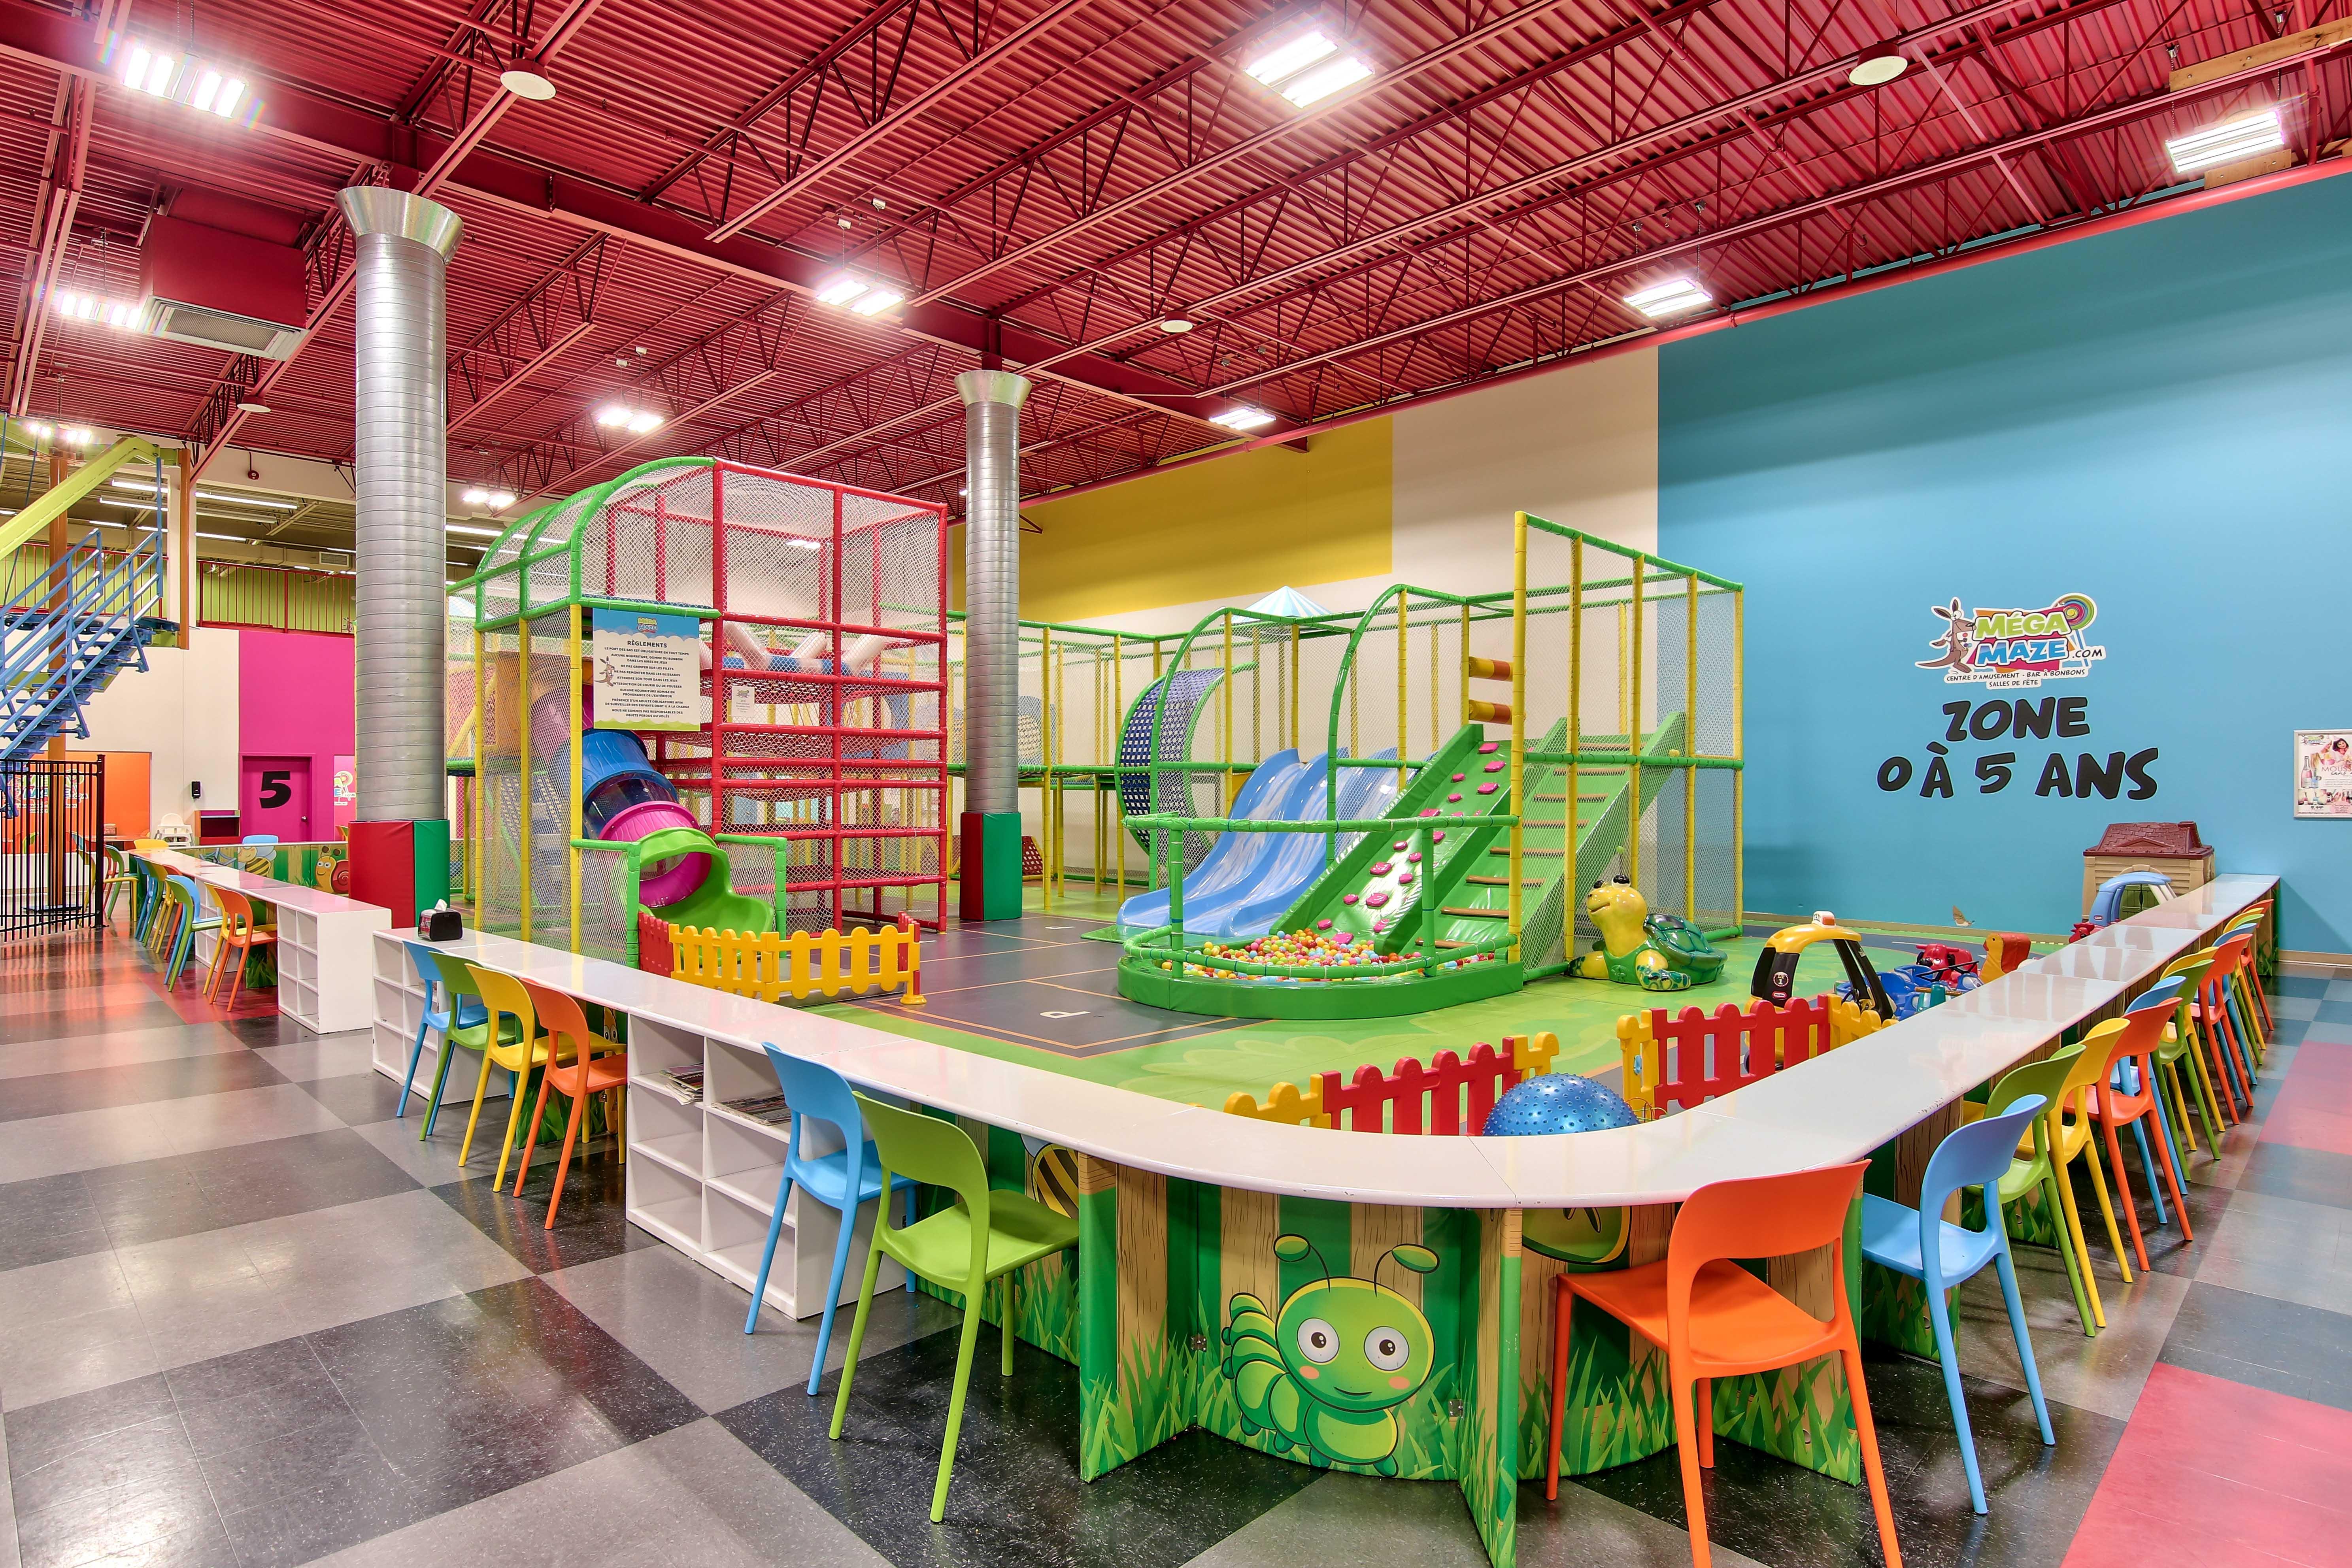 activité pour bébé, piscine à balles , glissades , module de jeux intérieur , jeux pour enfant